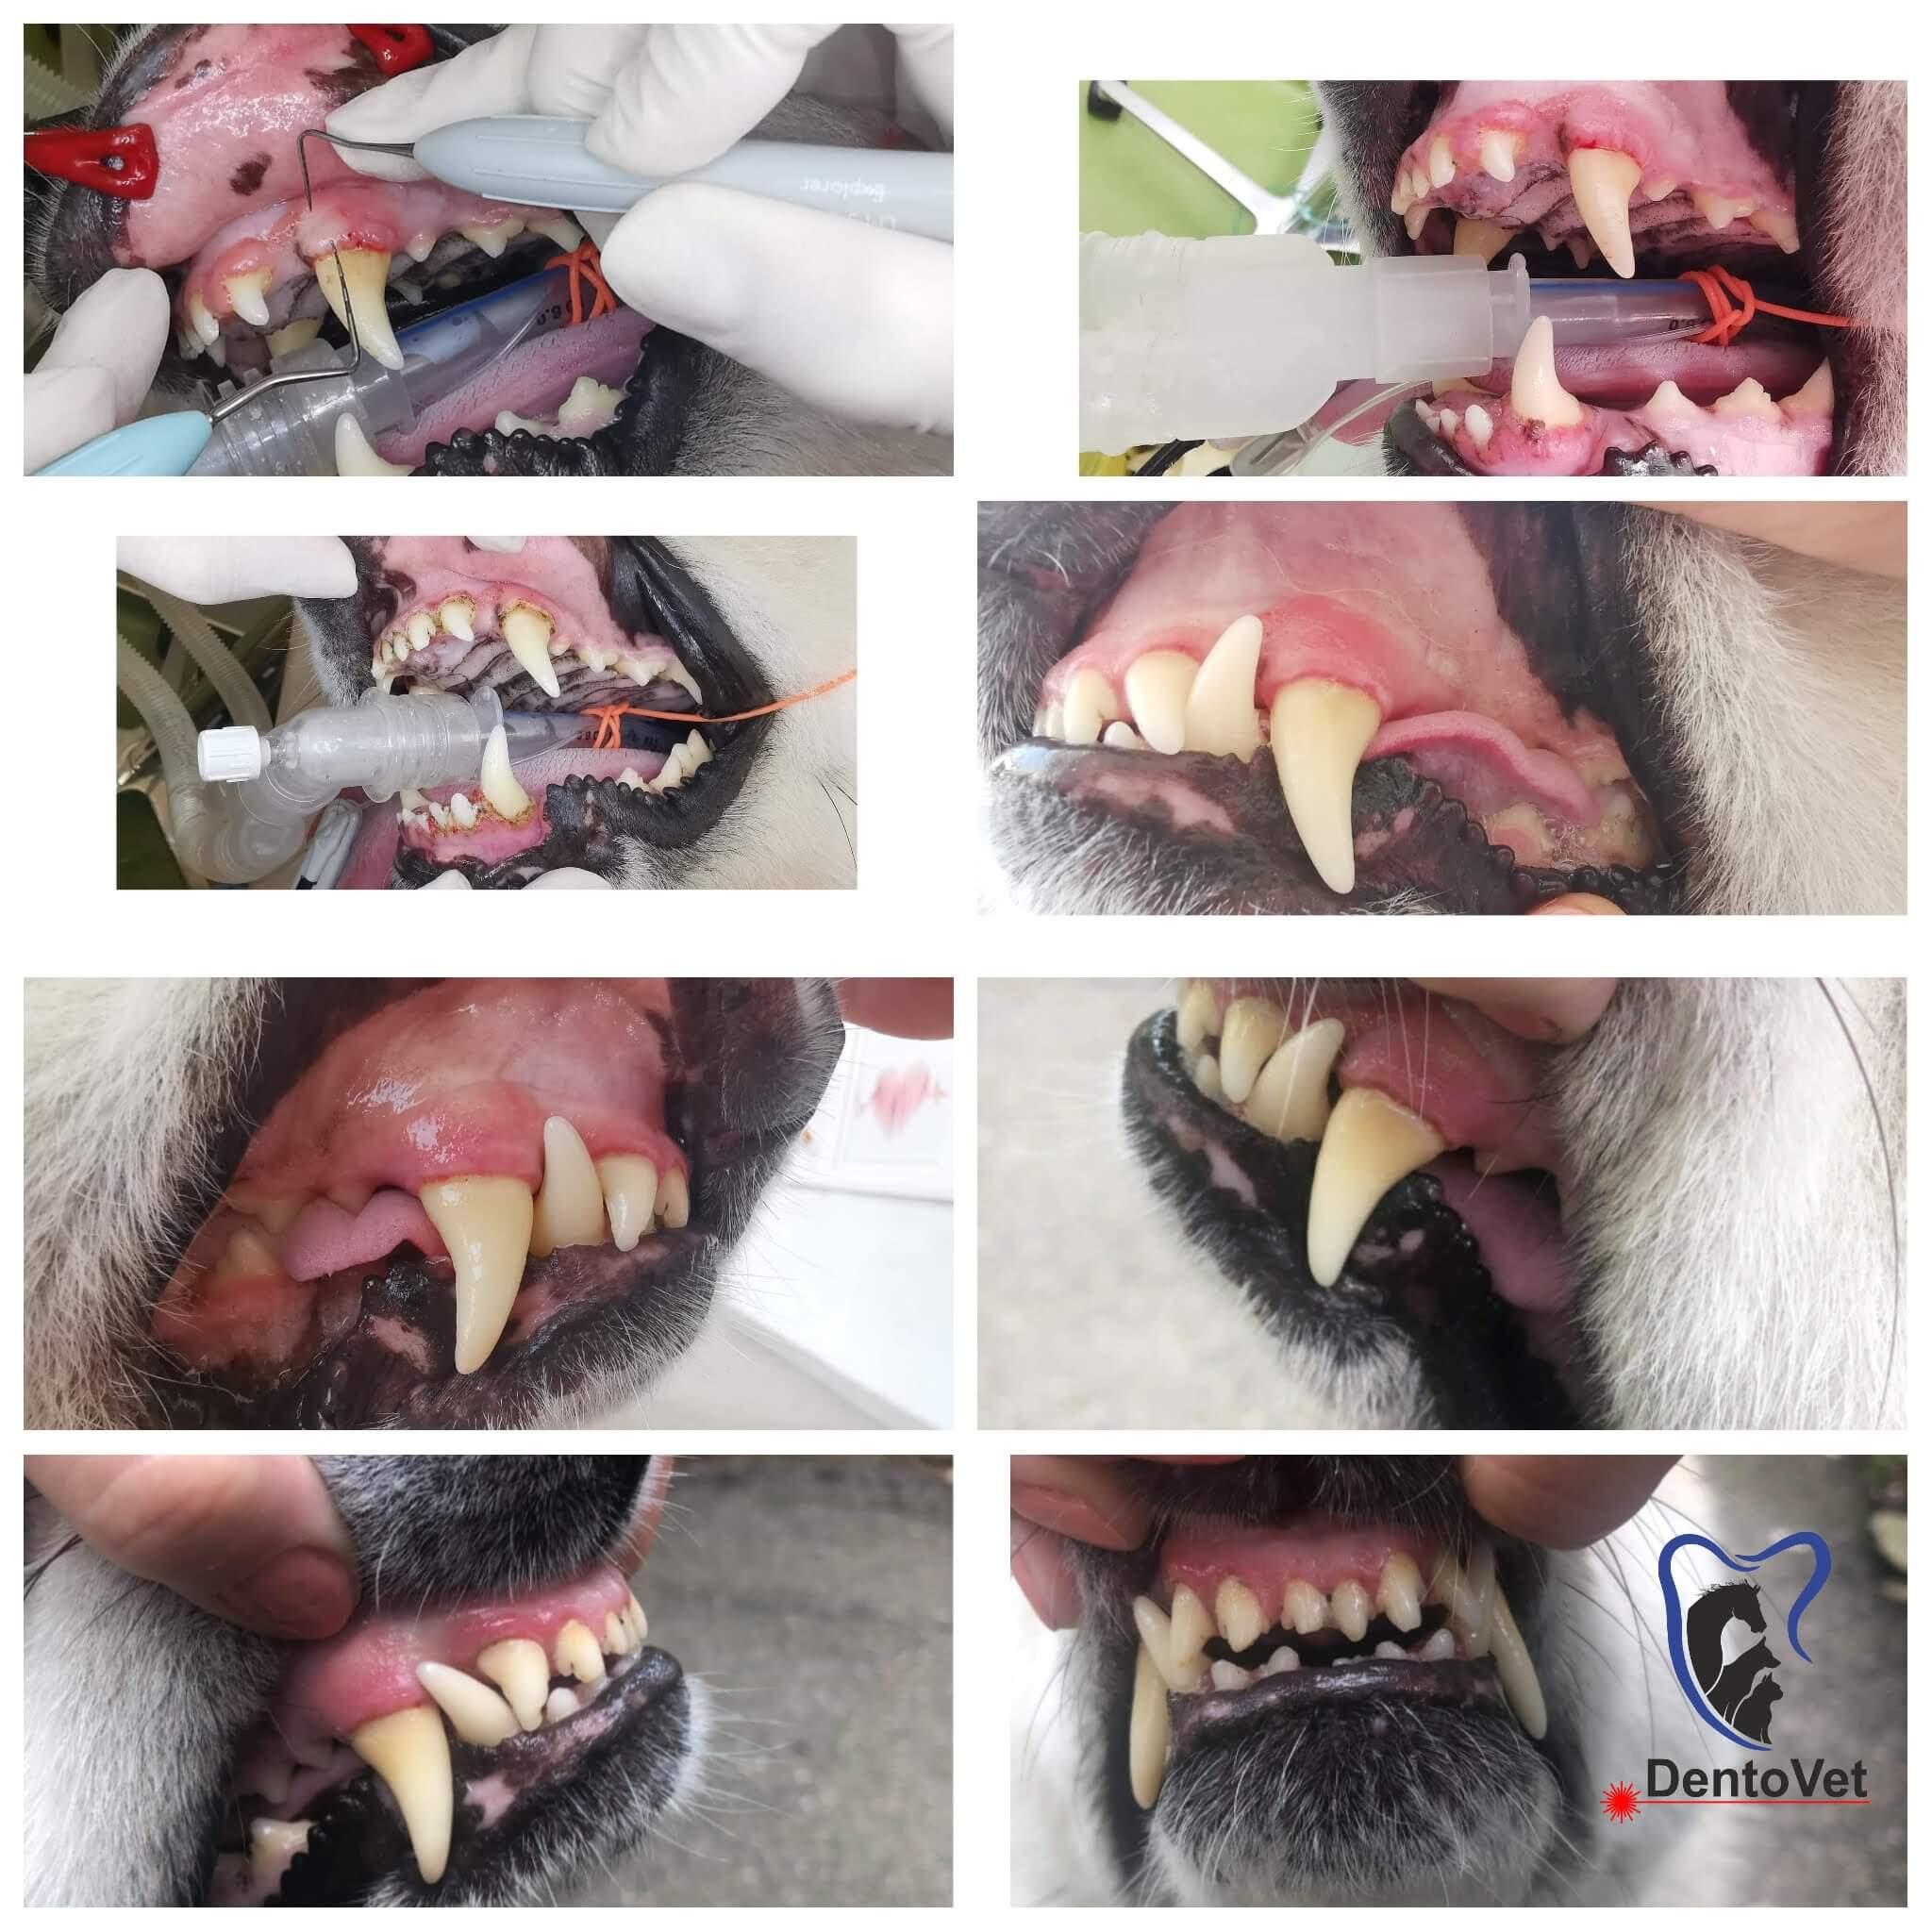 Patologiile orale cazul 1 foto 2